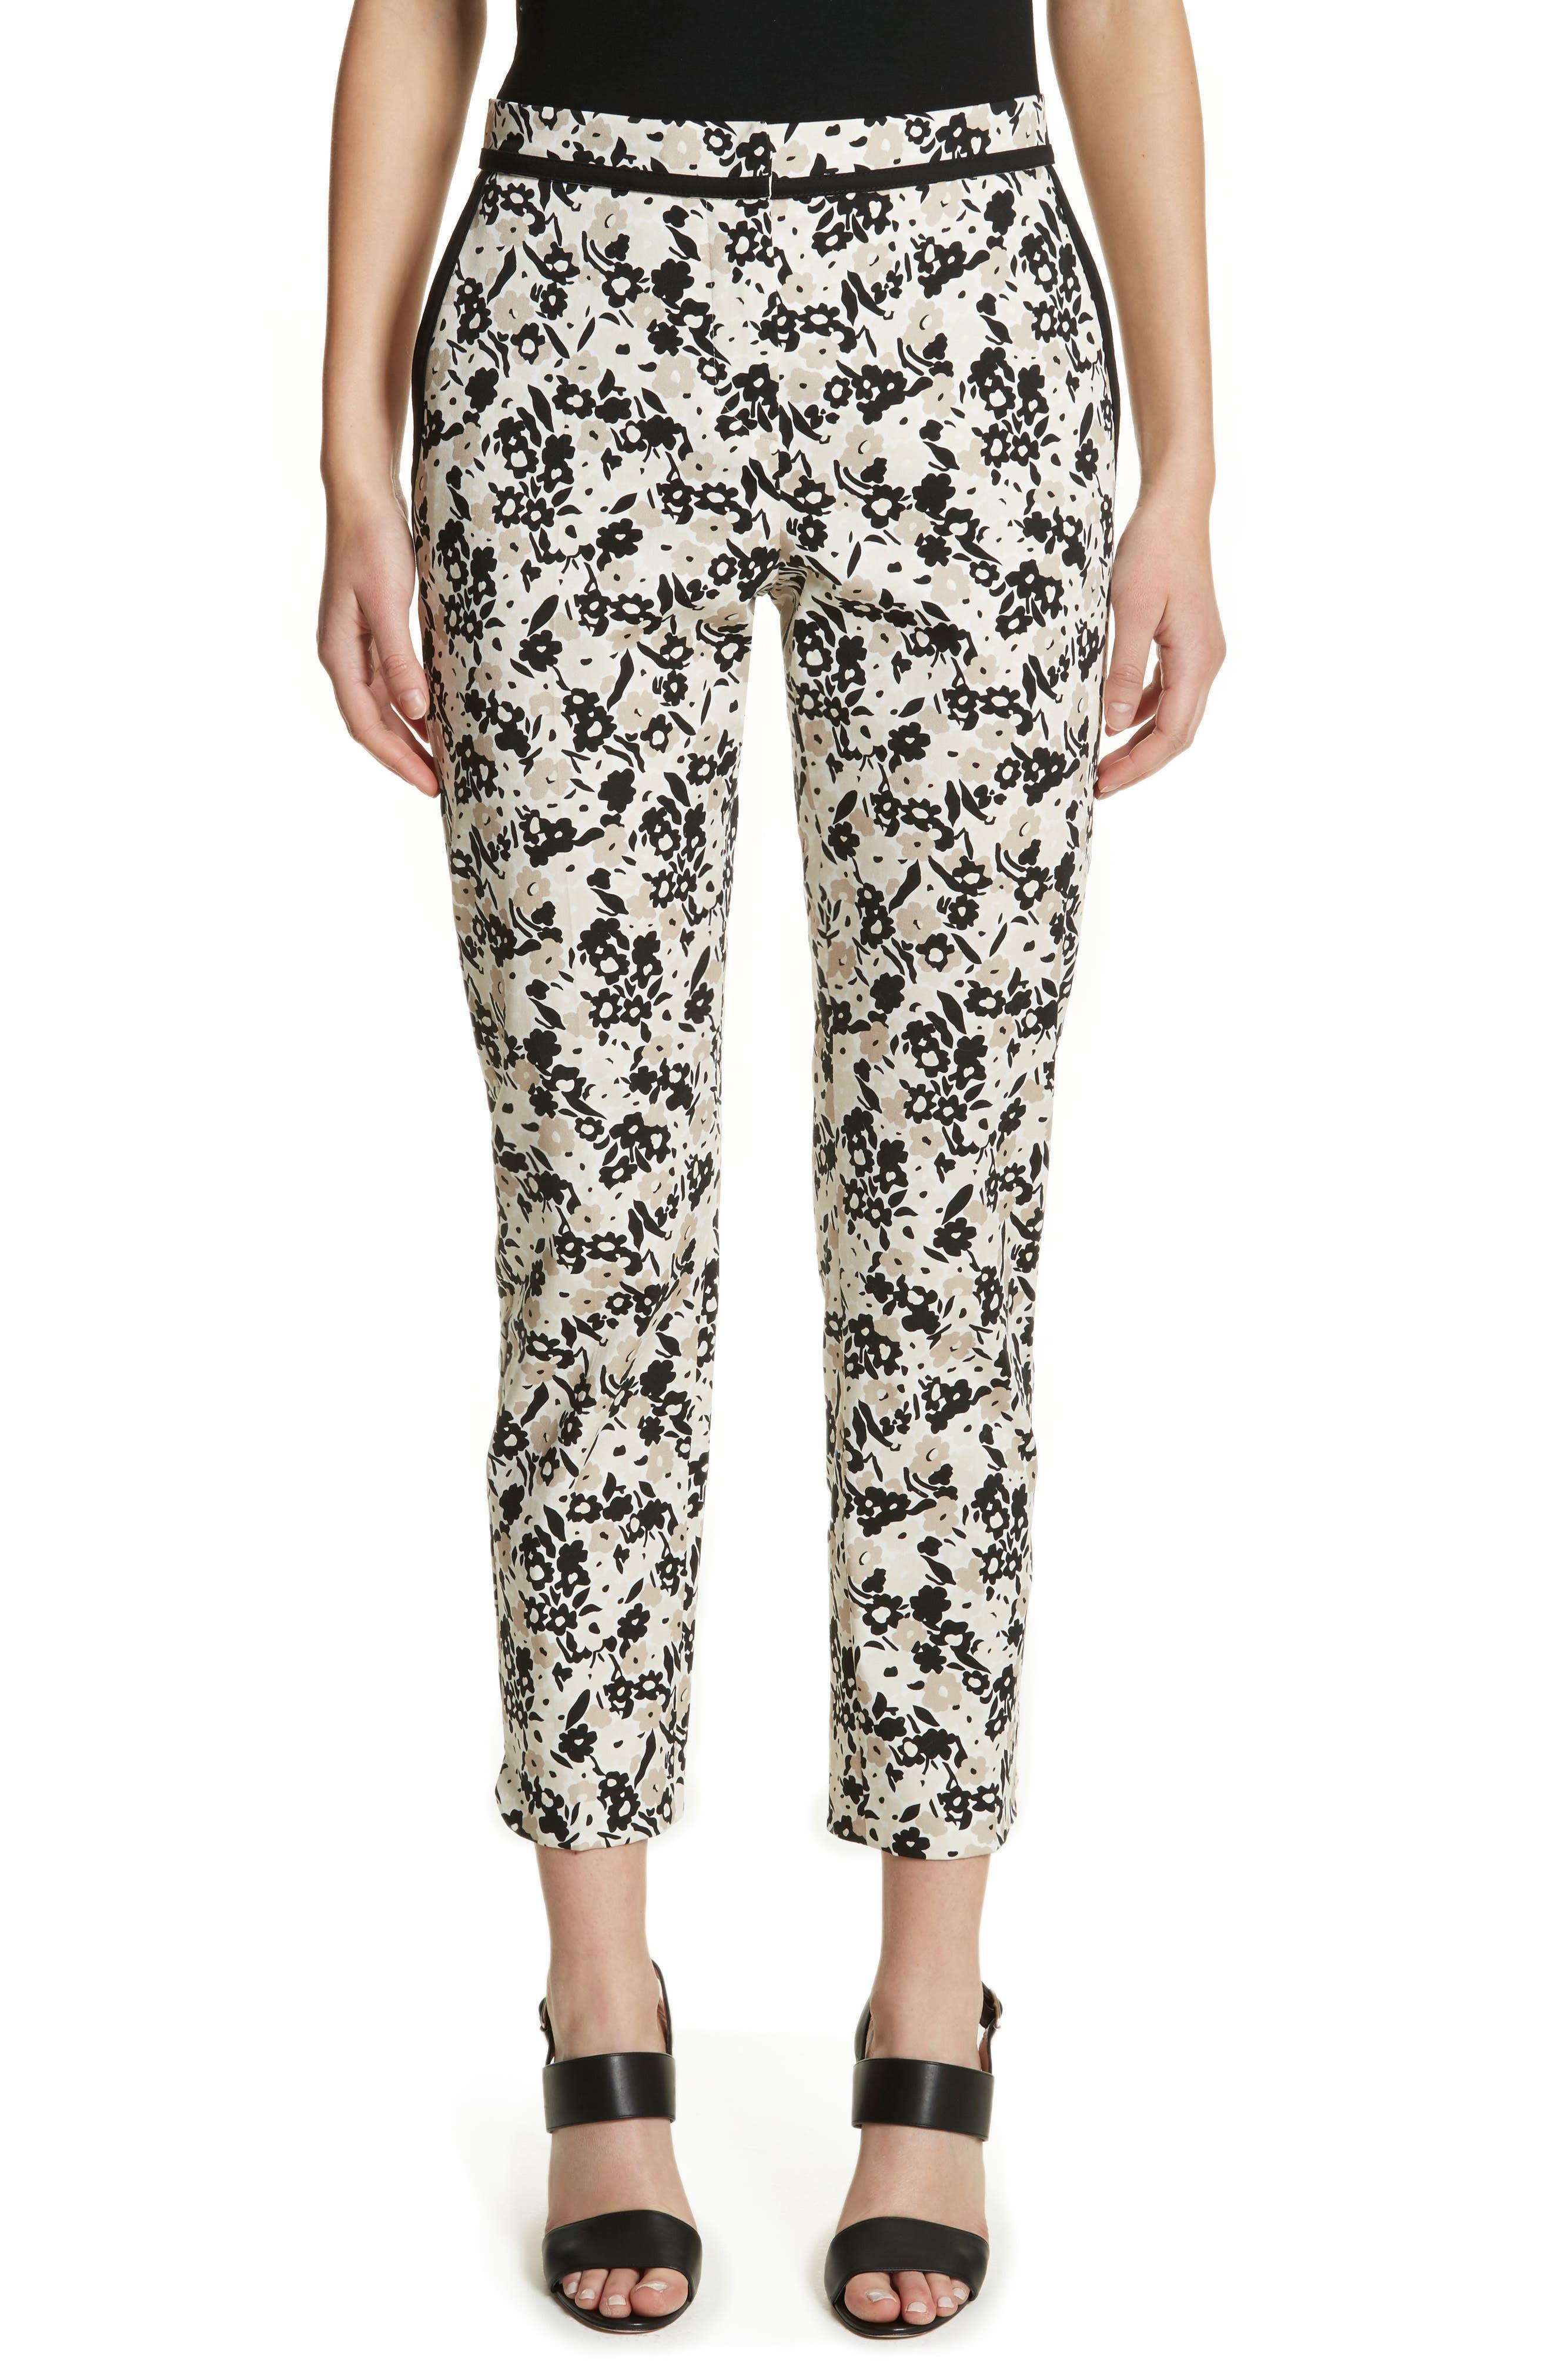 Max Mara Deborah Floral Print Crop Pants